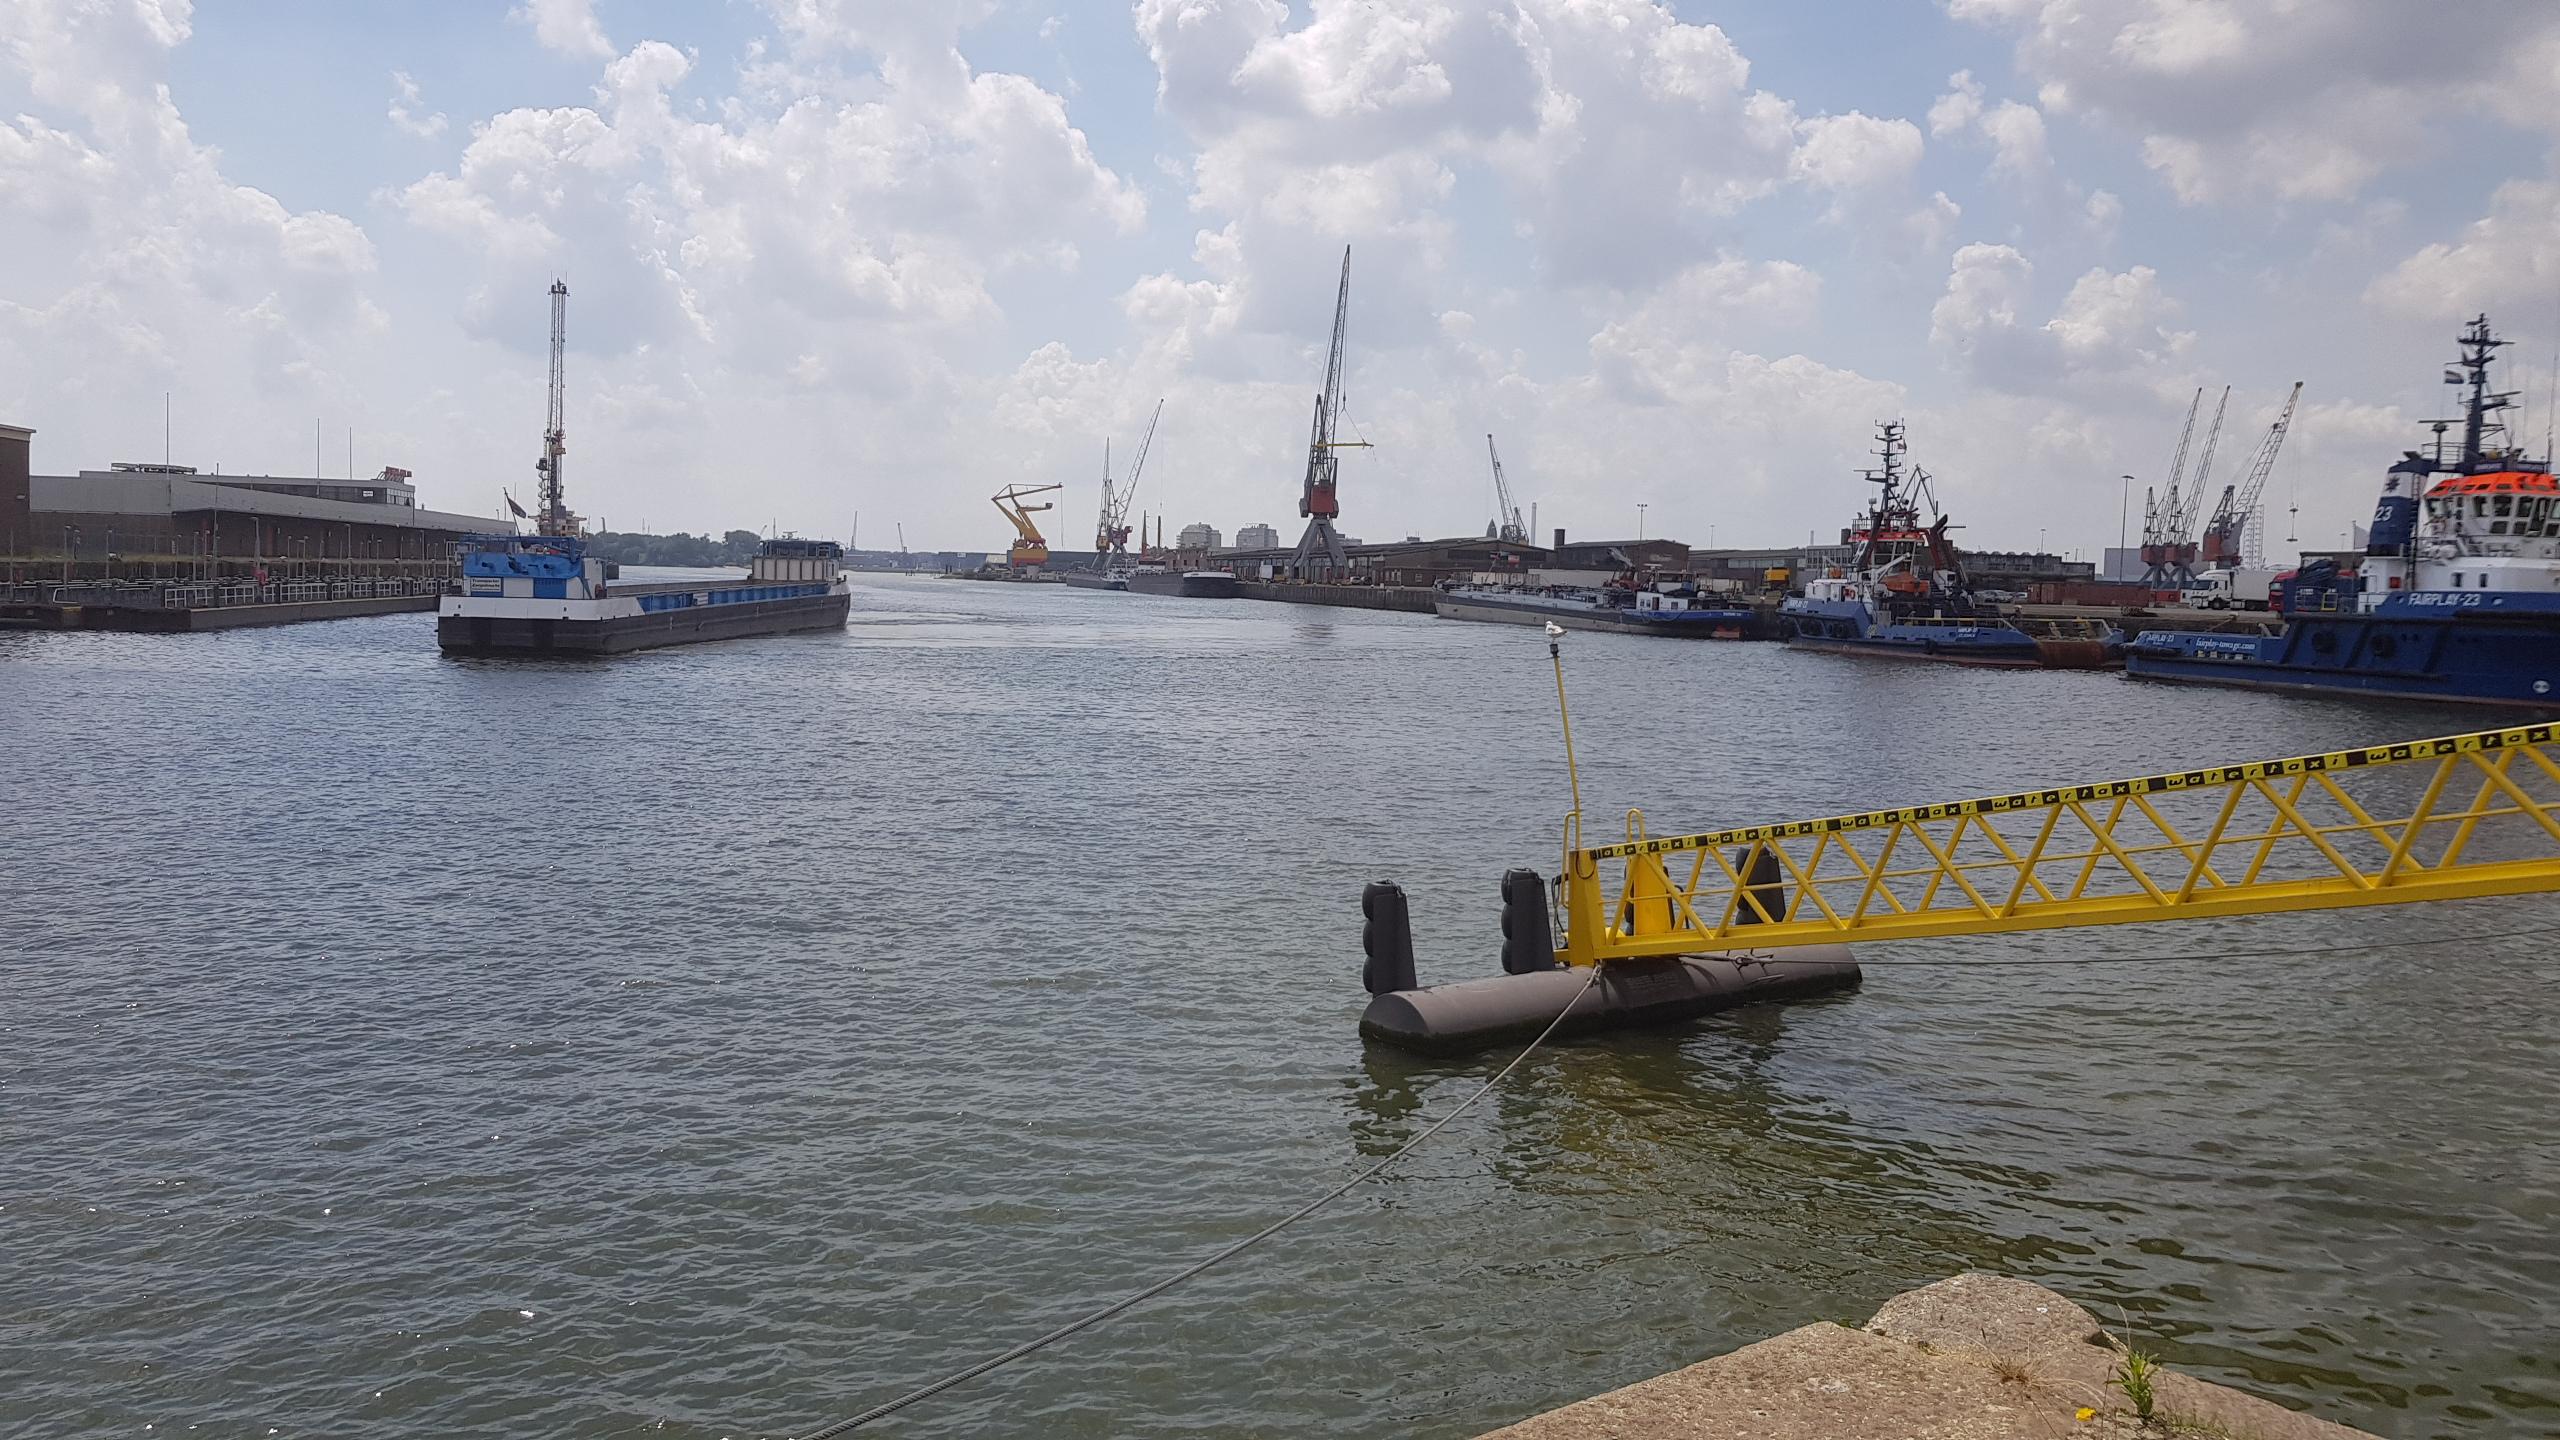 Merwehaven